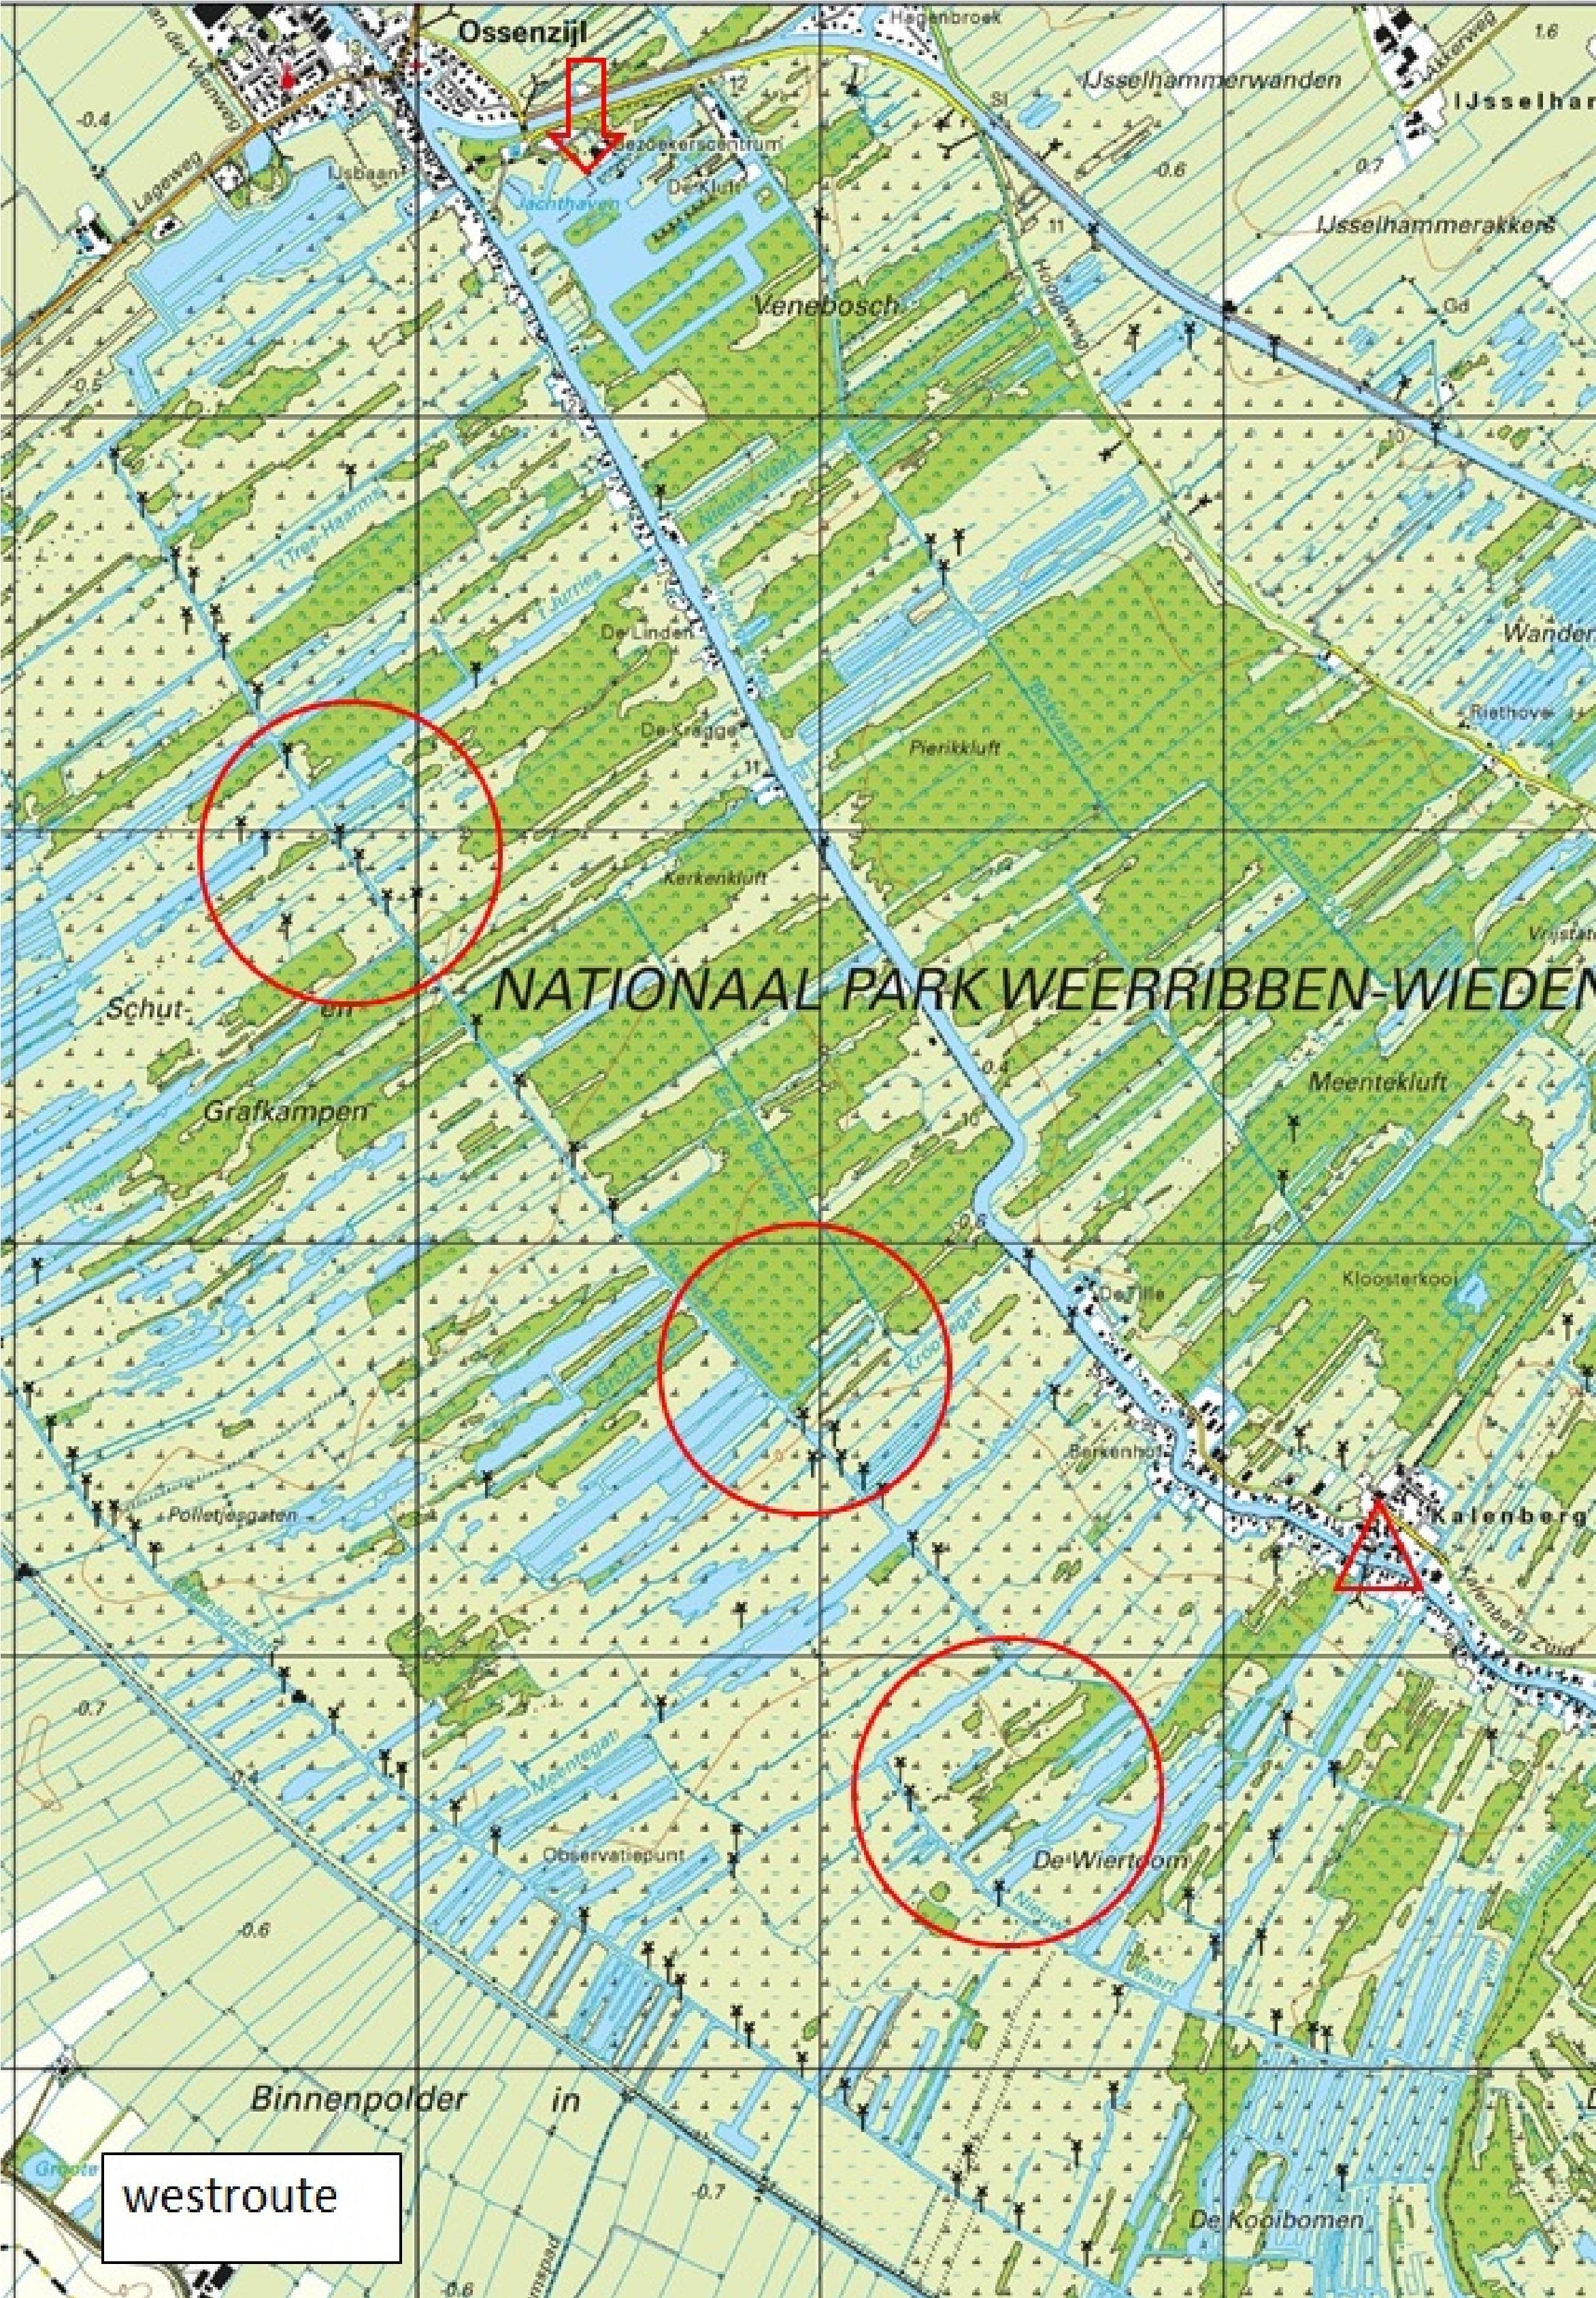 kaart westroute otterjacht 2019